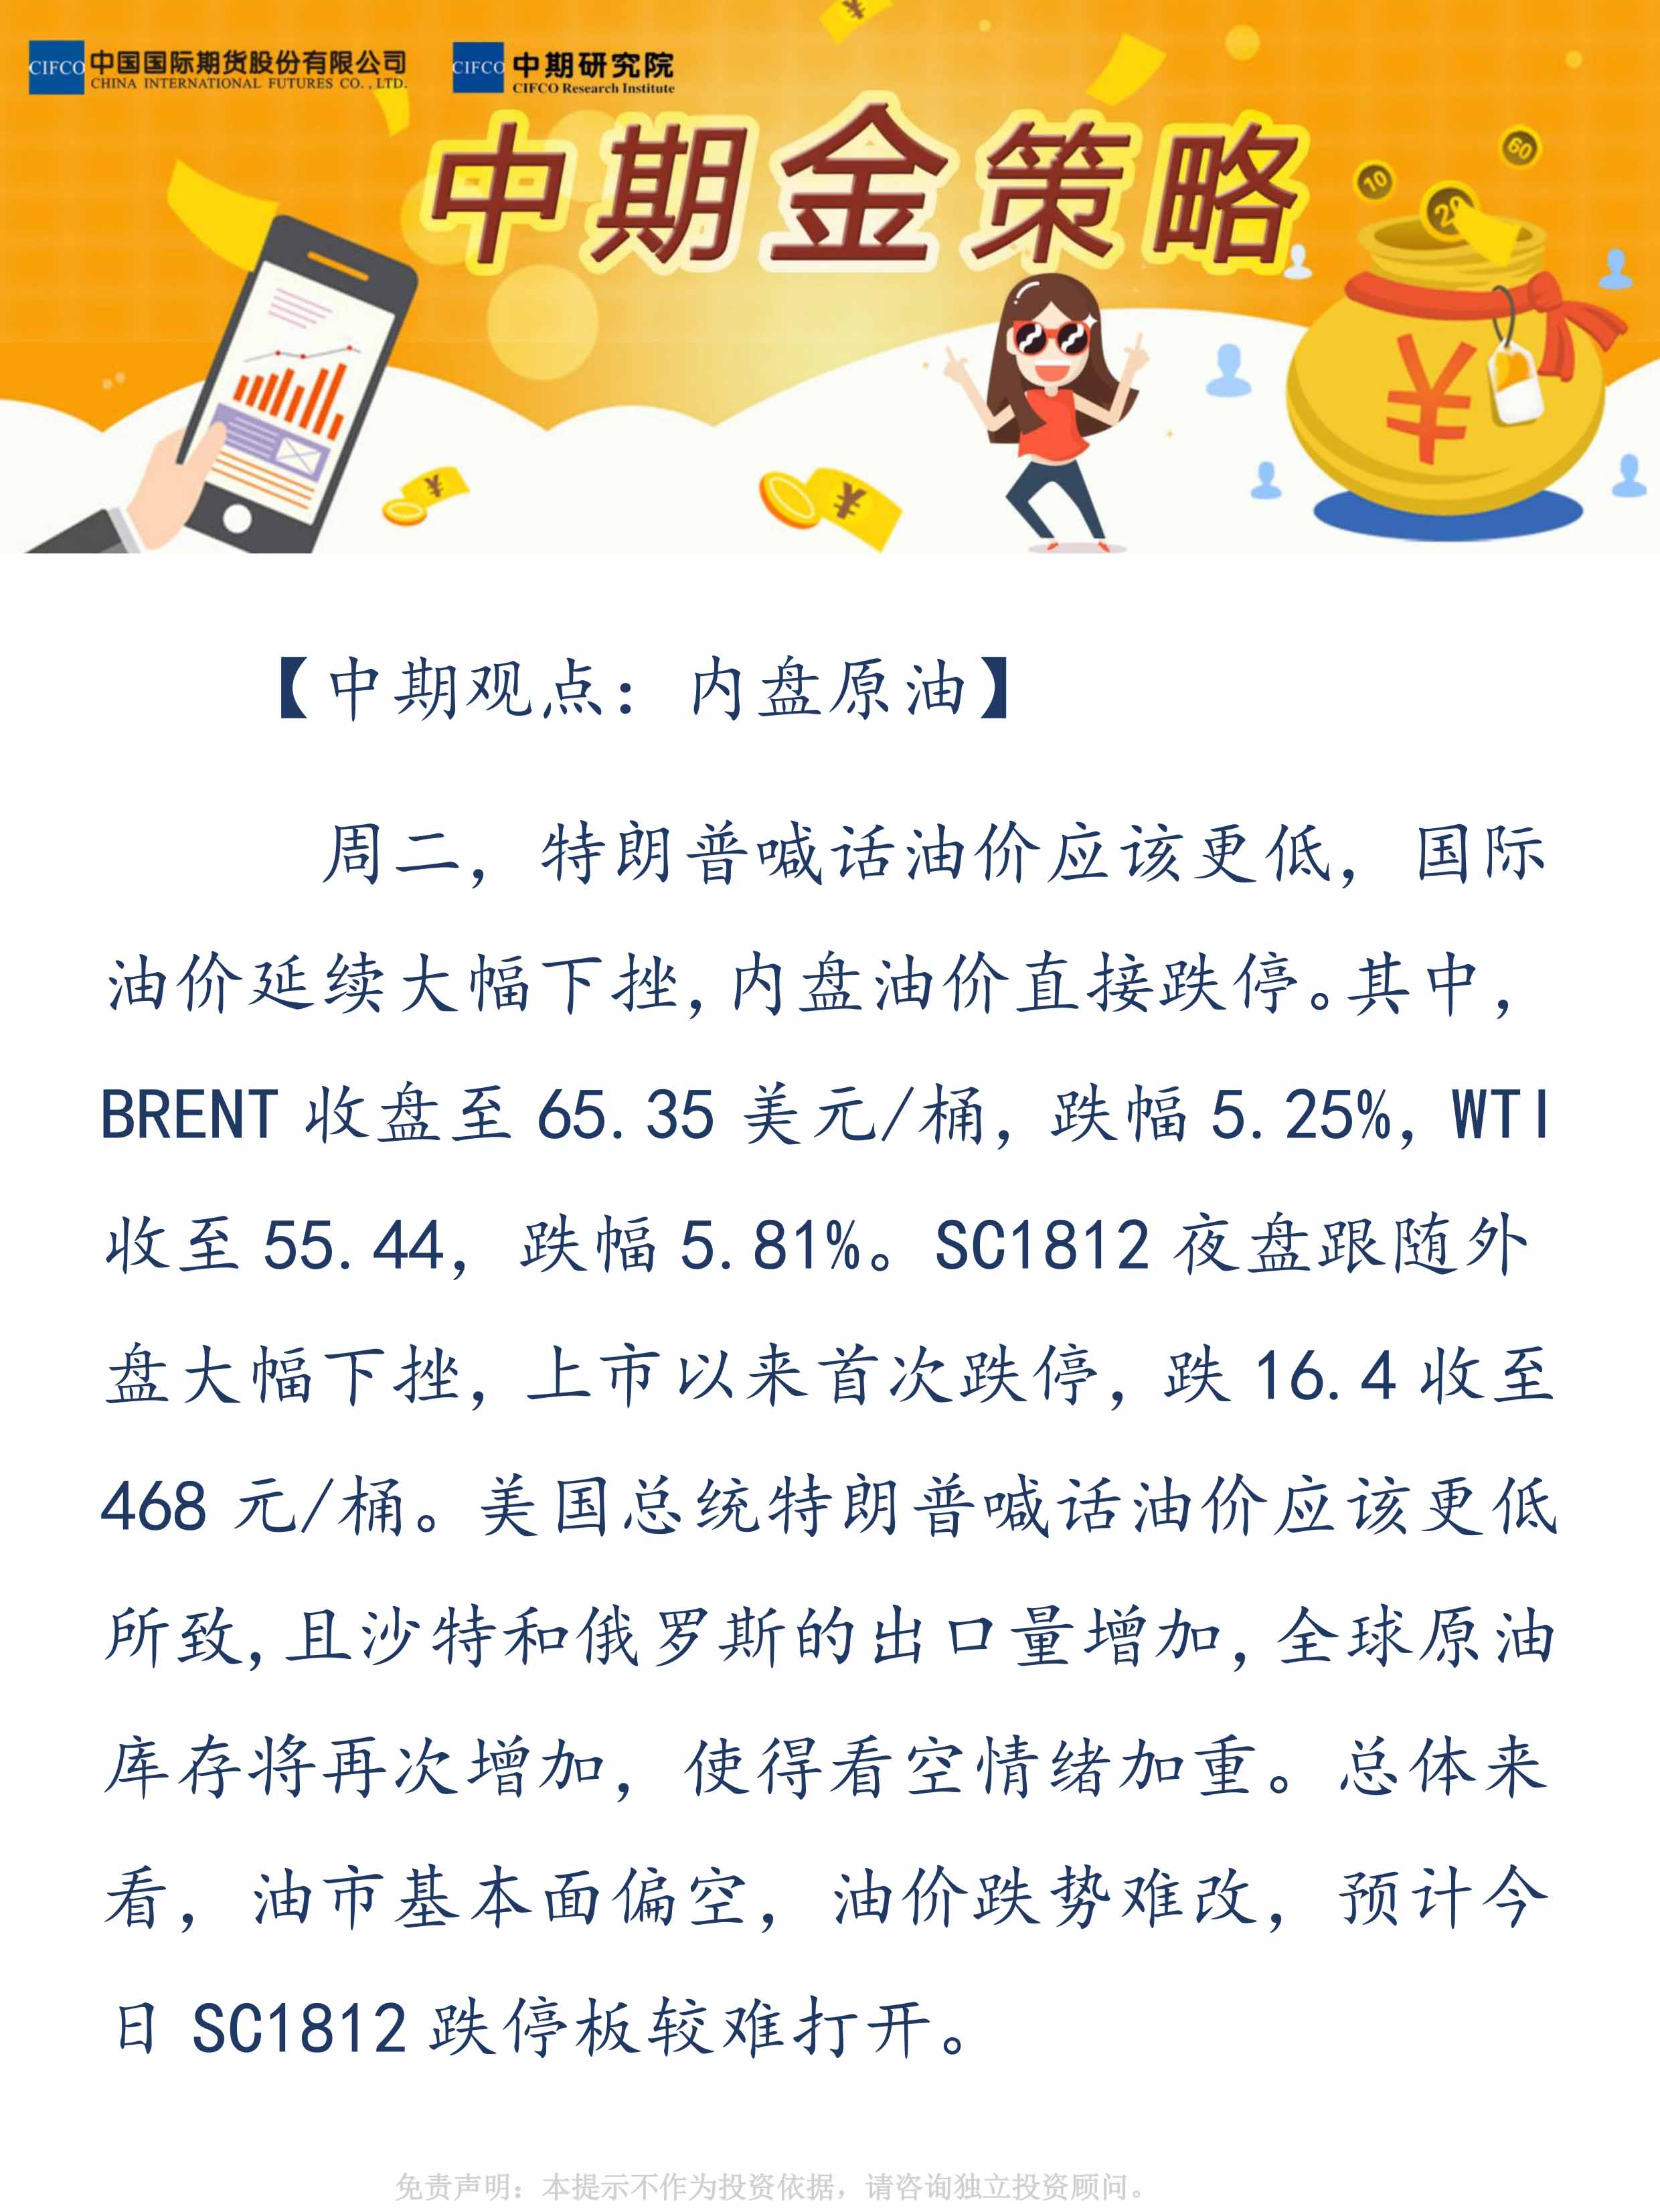 易胜博金策略-内盘原油20181114-暴玲玲.jpg